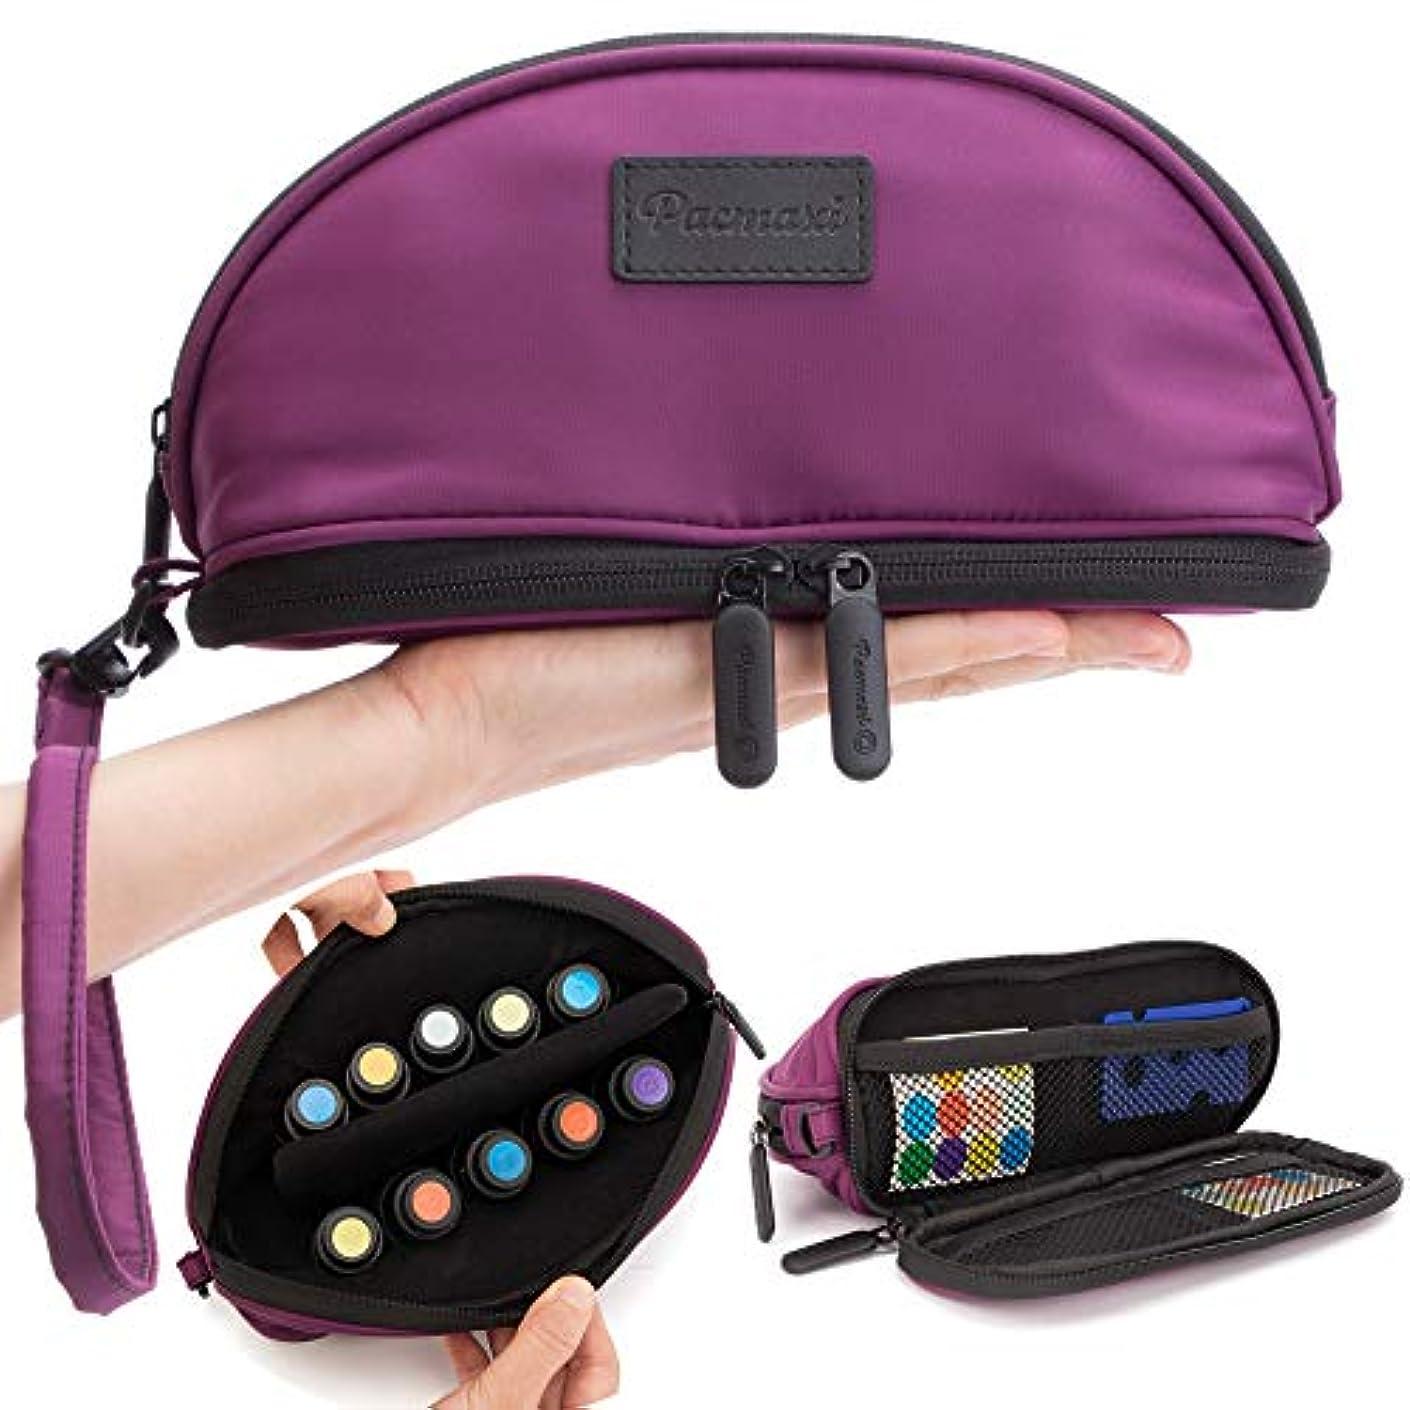 努力真面目な誓い[Pacmaxi]エッセンシャルオイル 収納ポーチ 携帯便利 旅行 10本収納(5ml - 15ml) ナイロン製 撥水加工 ストラップあり (パープル)